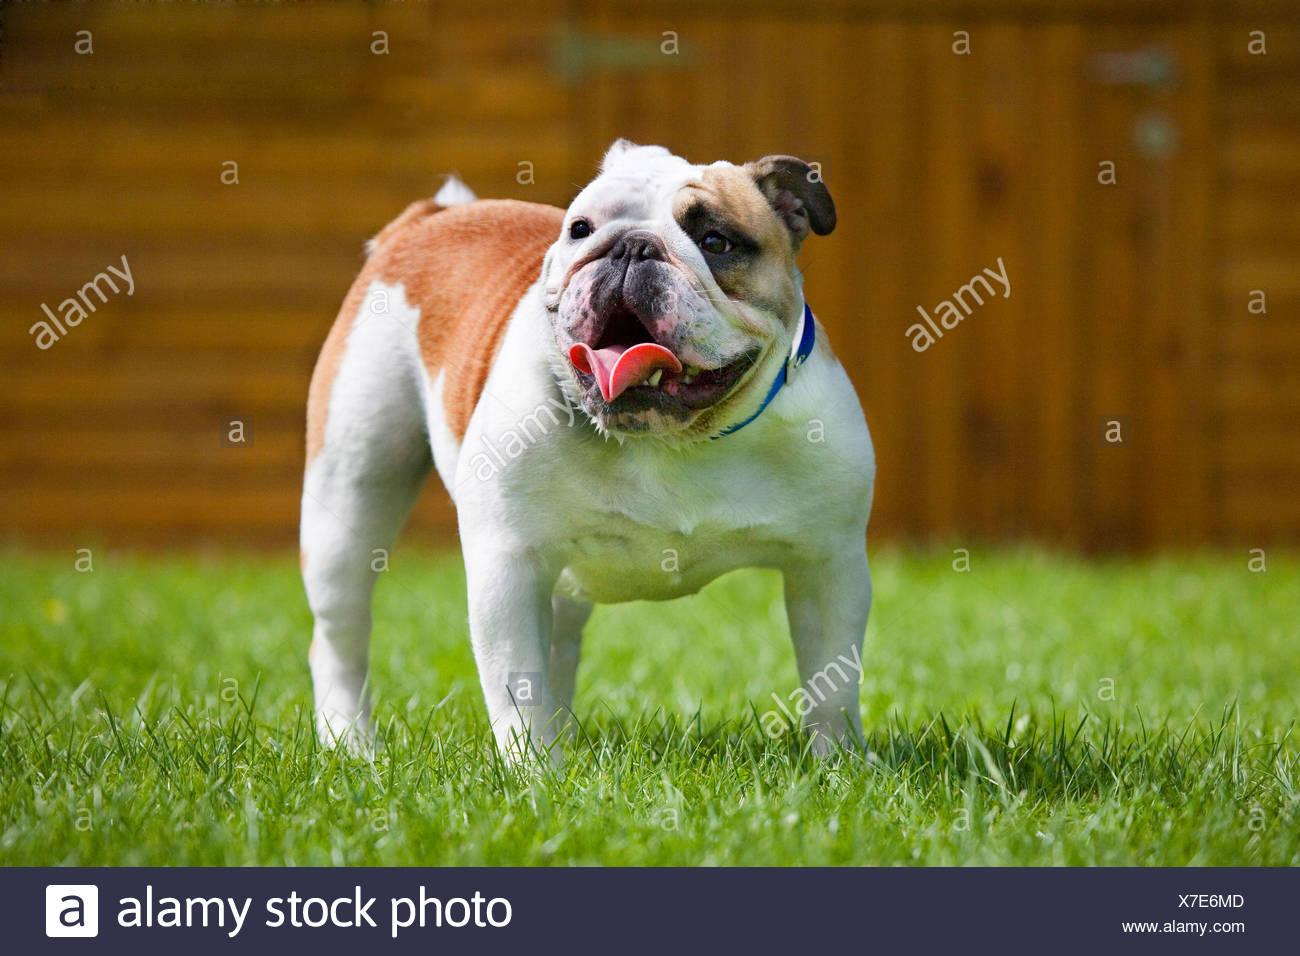 English Bulldog - Stock Image